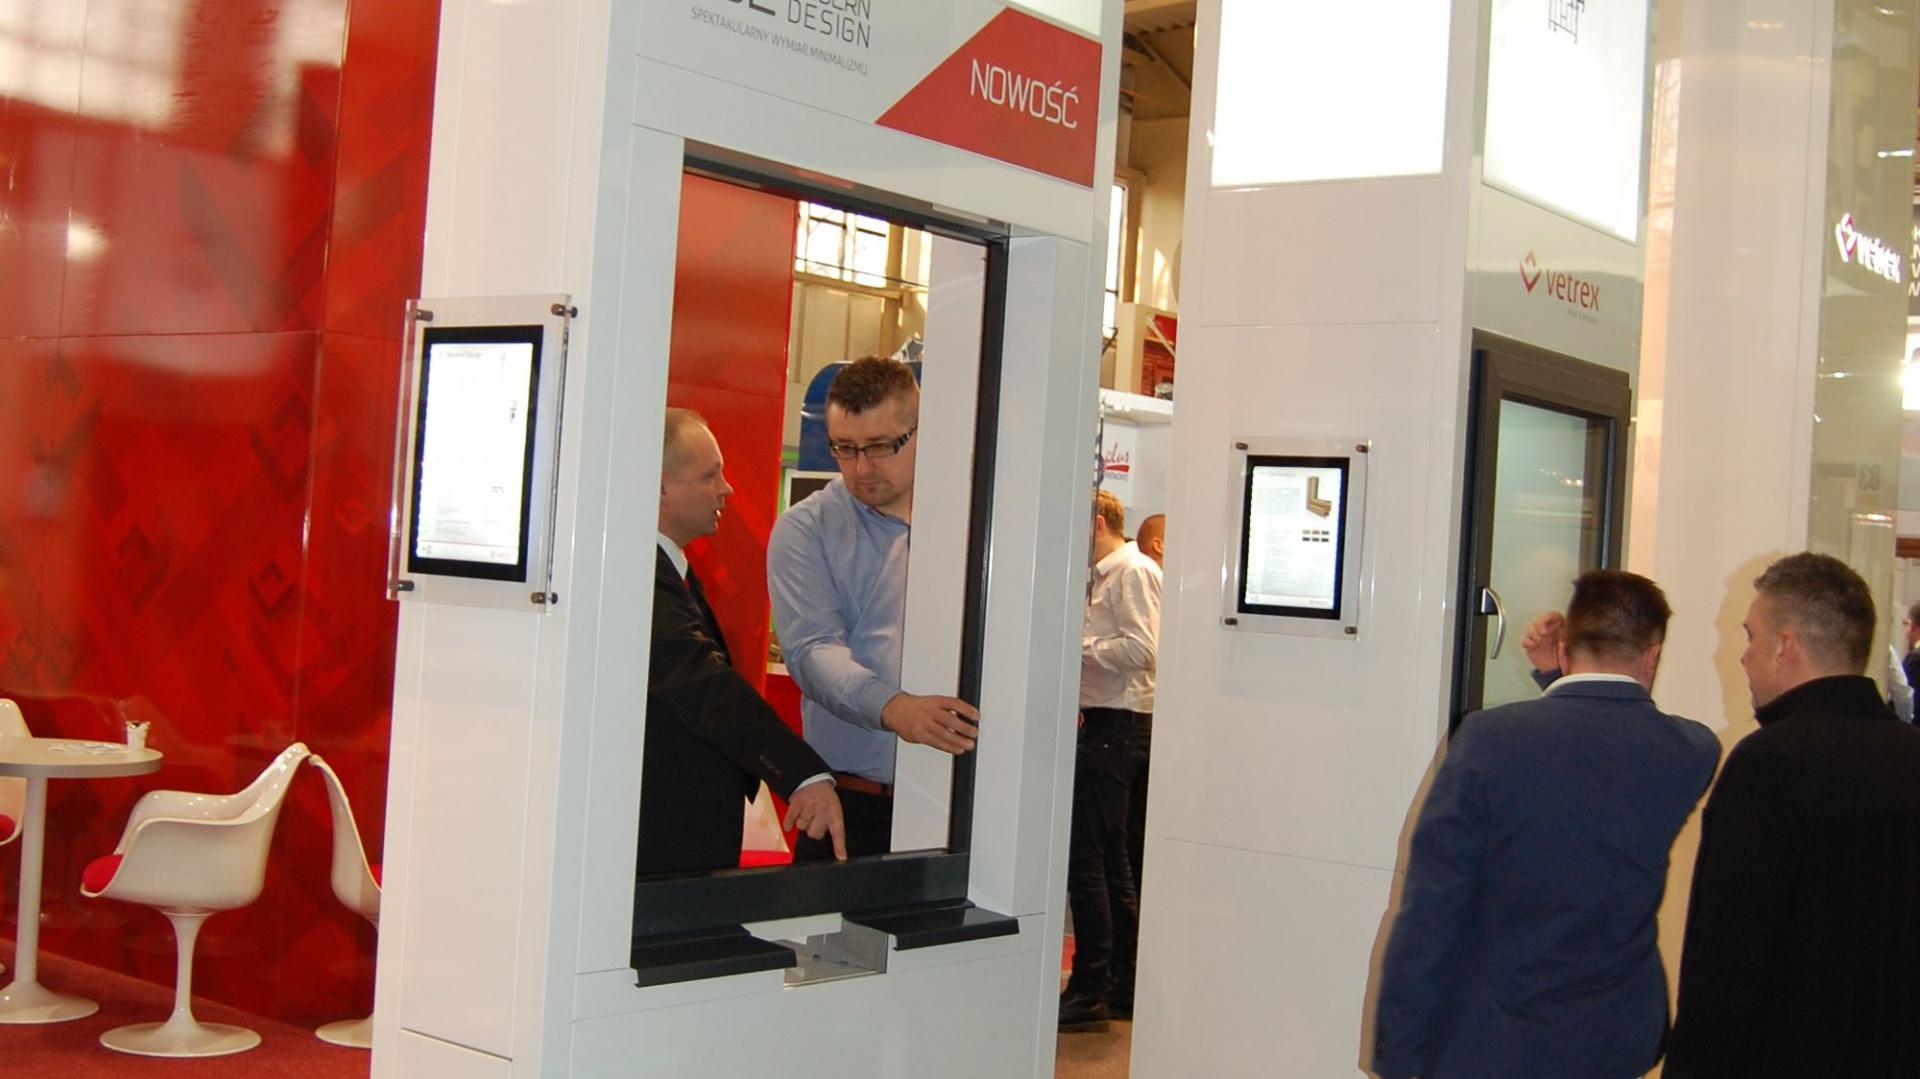 System okienny V28 Modern Design, zaprezentowała firma Vetrex podczas Targów Budma 2015 w Poznaniu. Fot. Radosław Zieniewicz